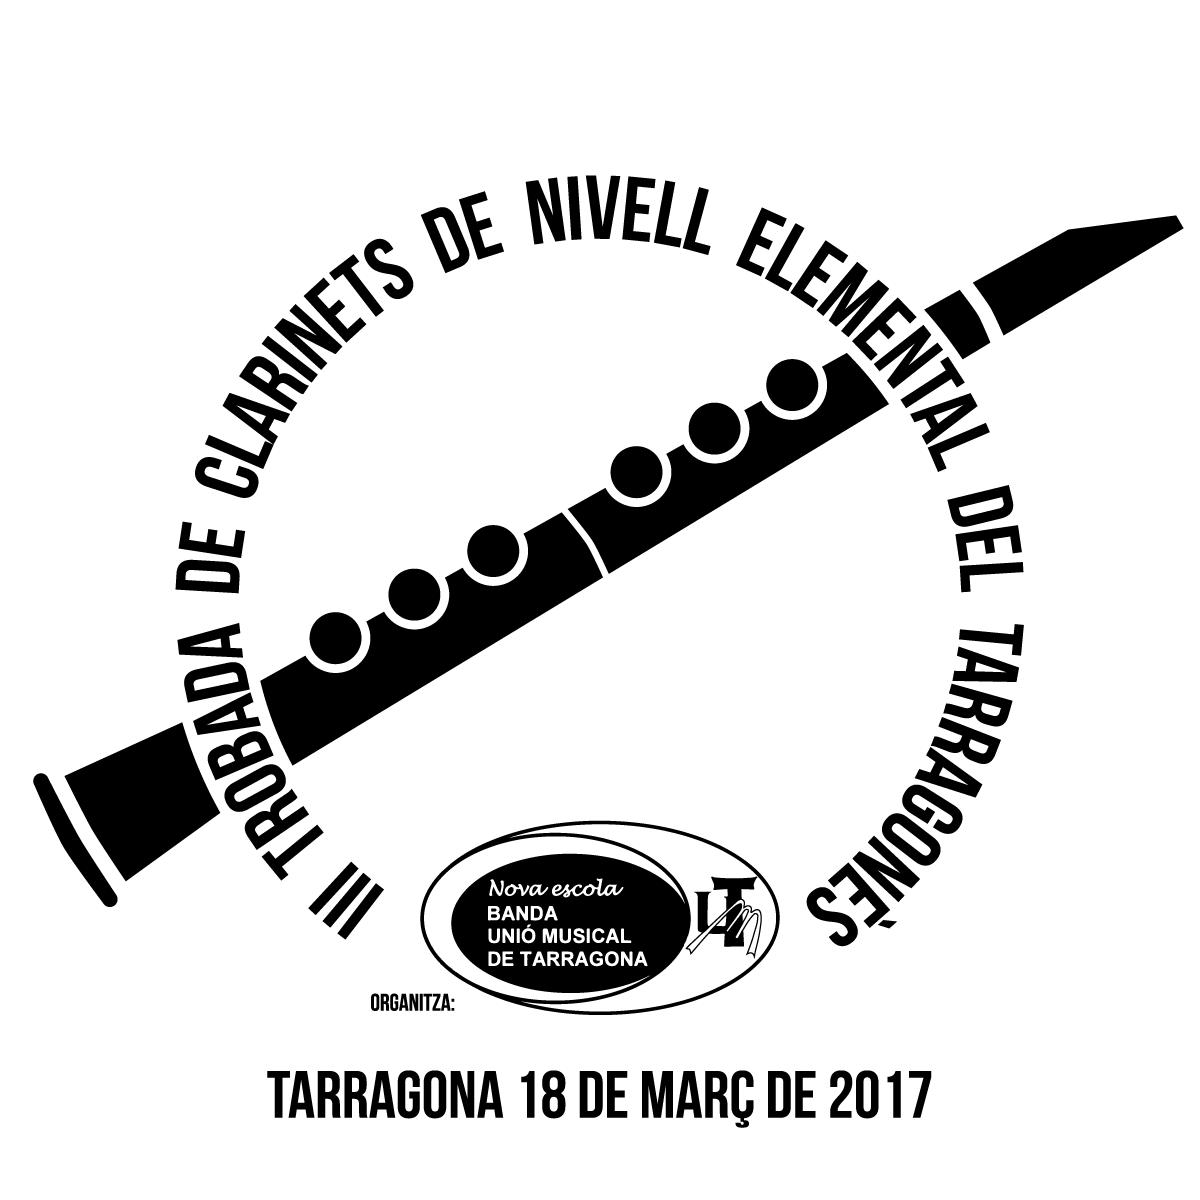 Logotip de la III Trobada de clarinets del Tarragonès